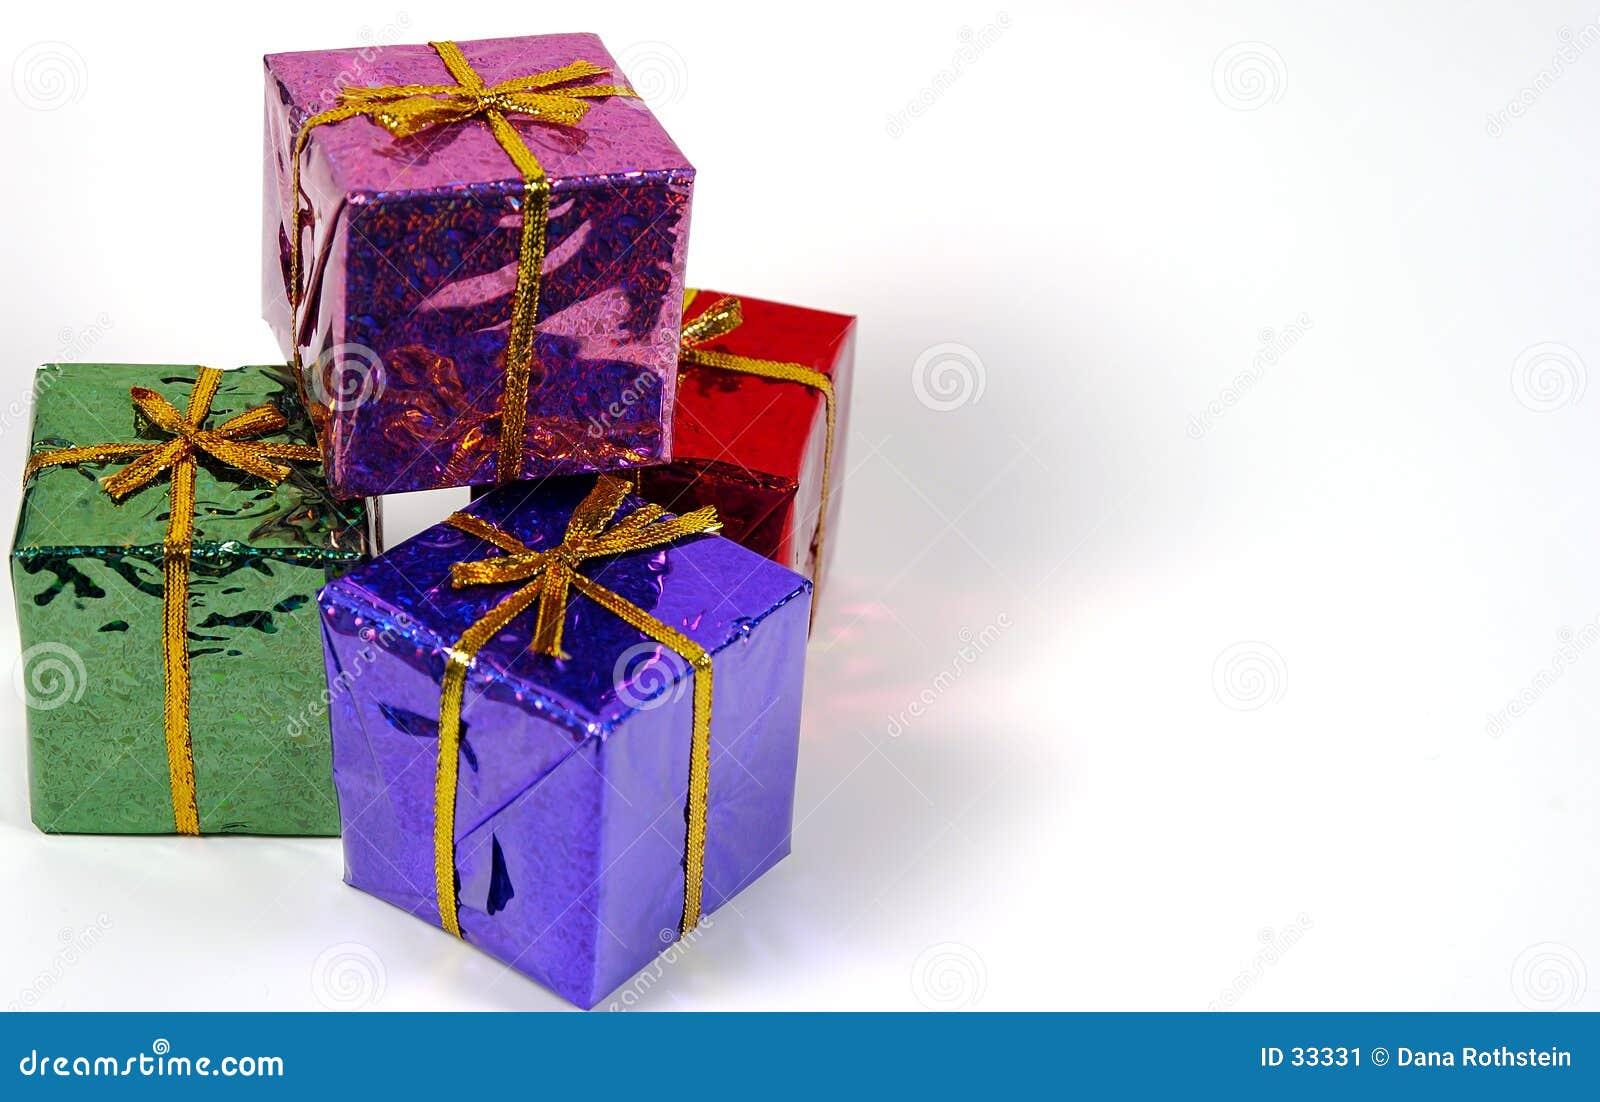 Feiertag Giftboxes